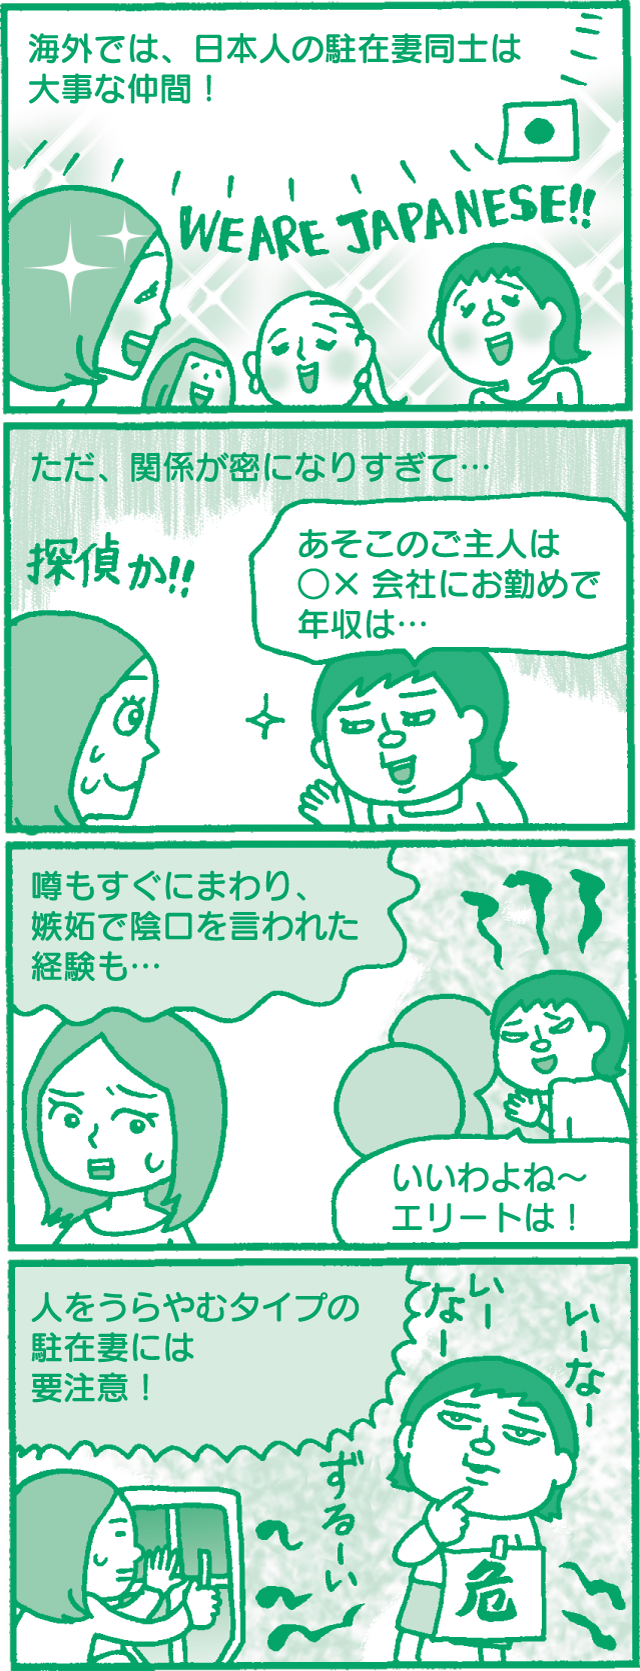 日本人同士の人間関係が濃厚すぎて、うまくつき合うのが難しい